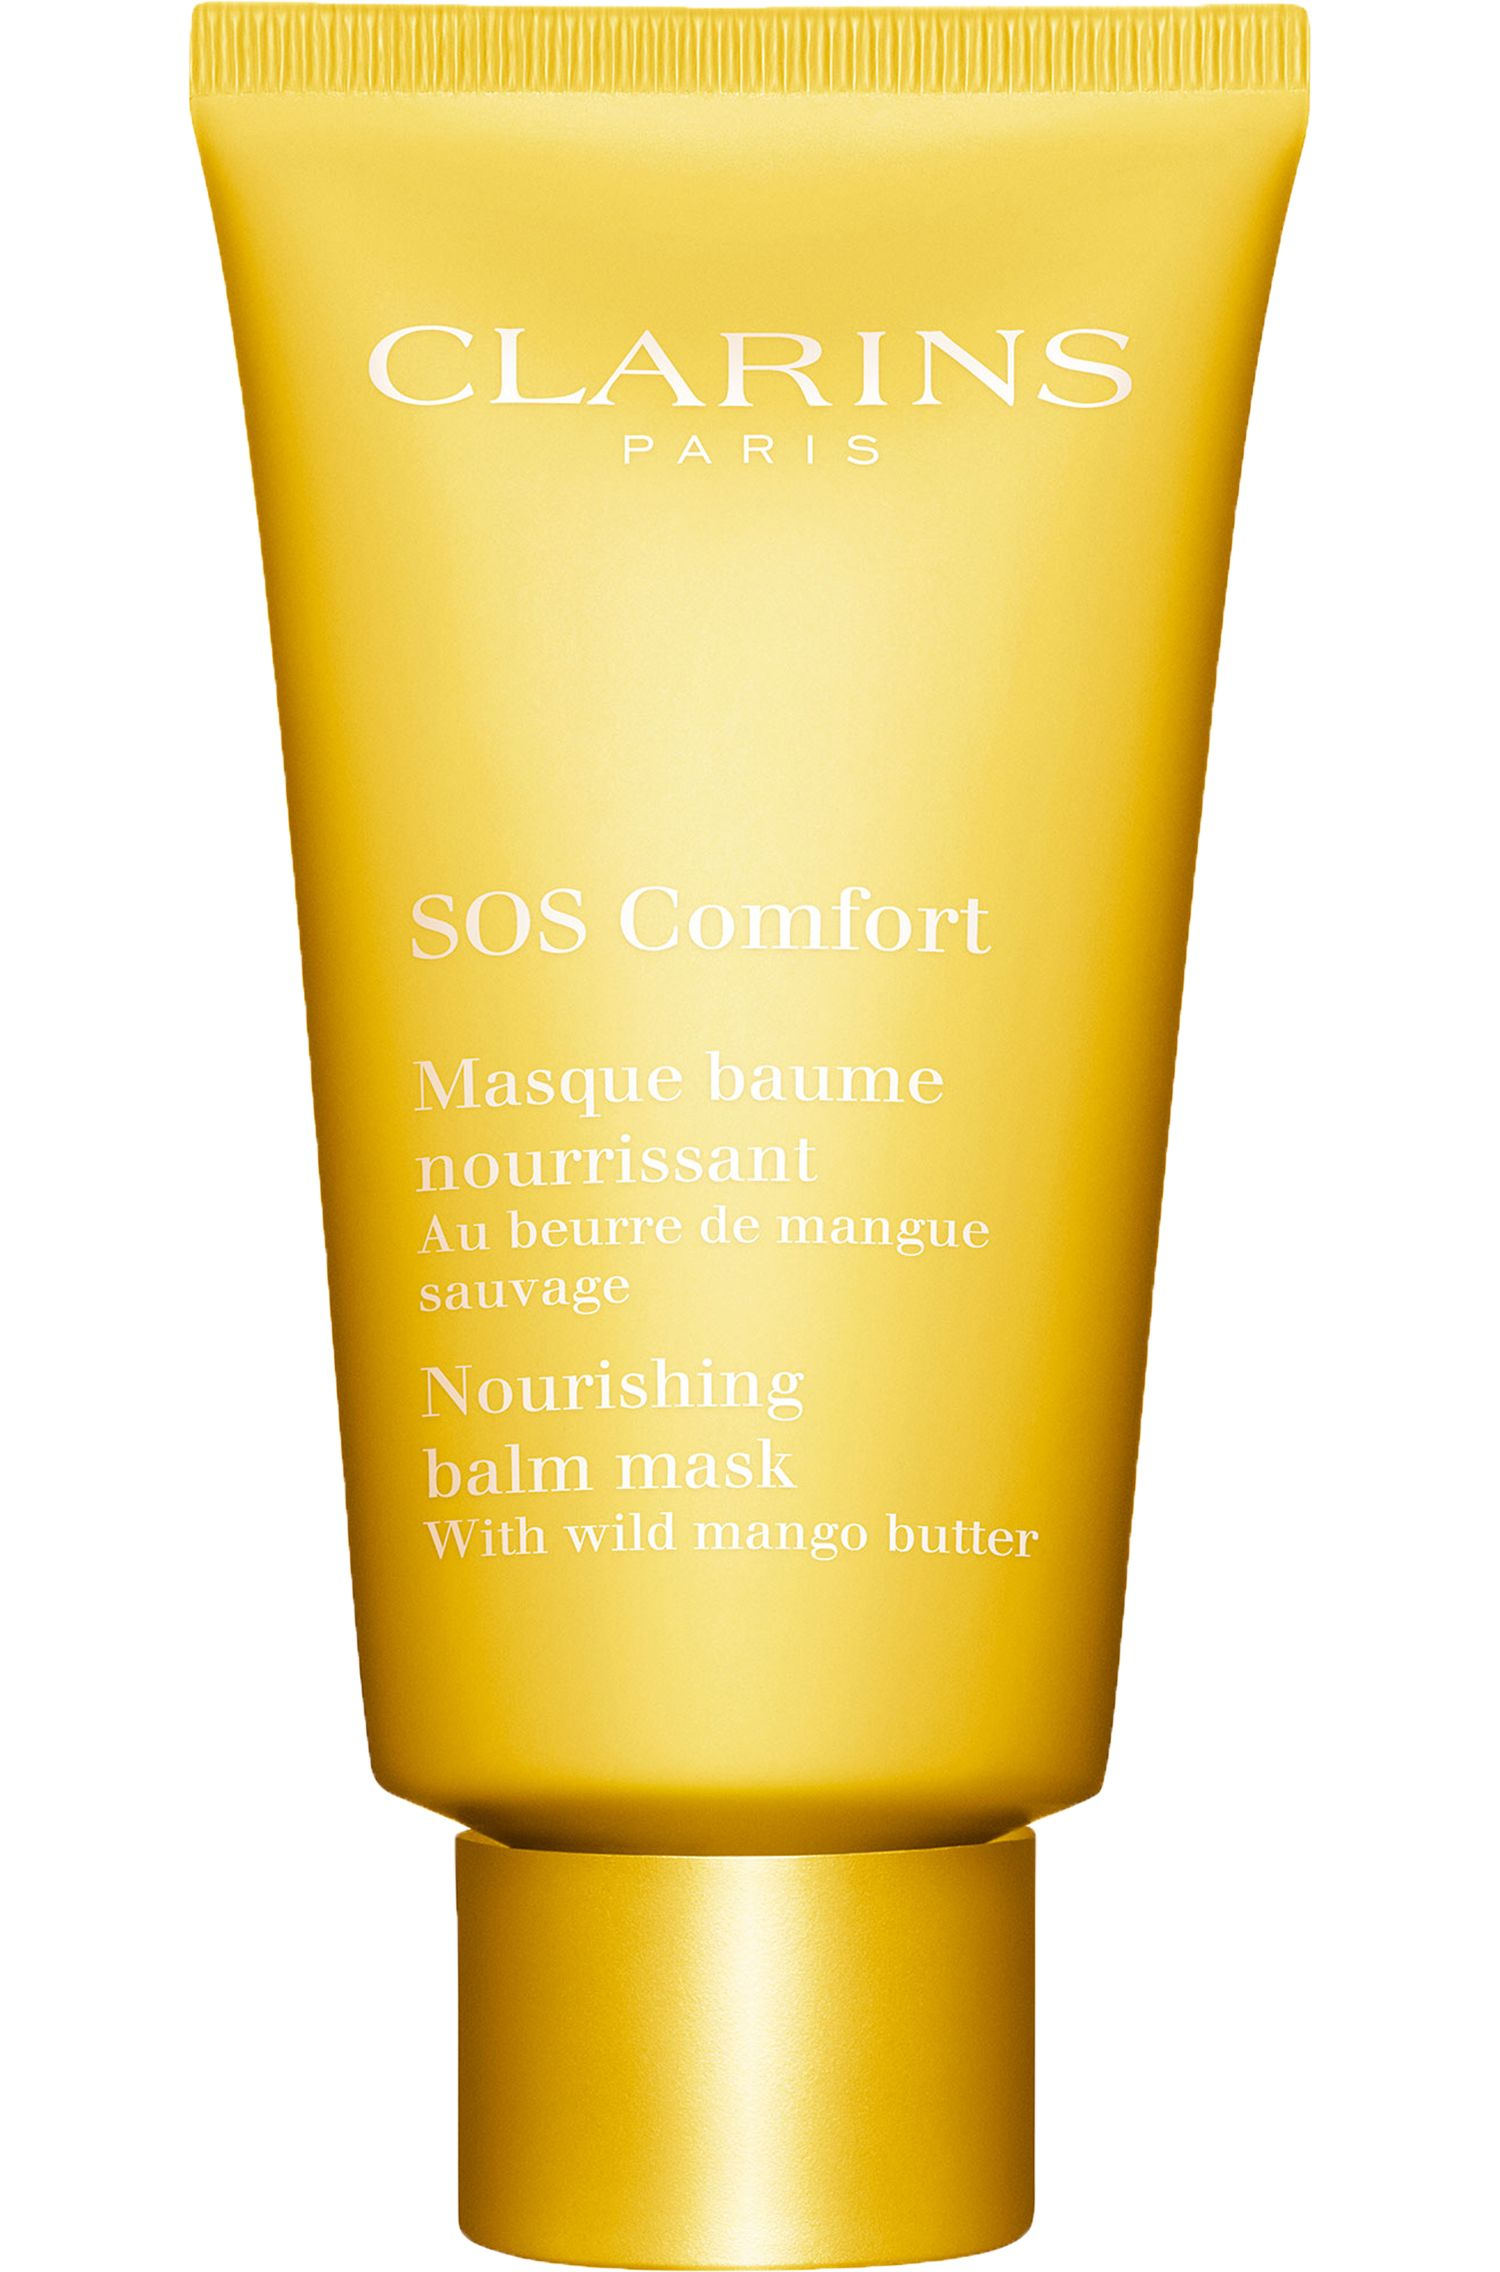 Blissim : Clarins - Masque baume nourrissant SOS Confort - Masque baume nourrissant SOS Confort